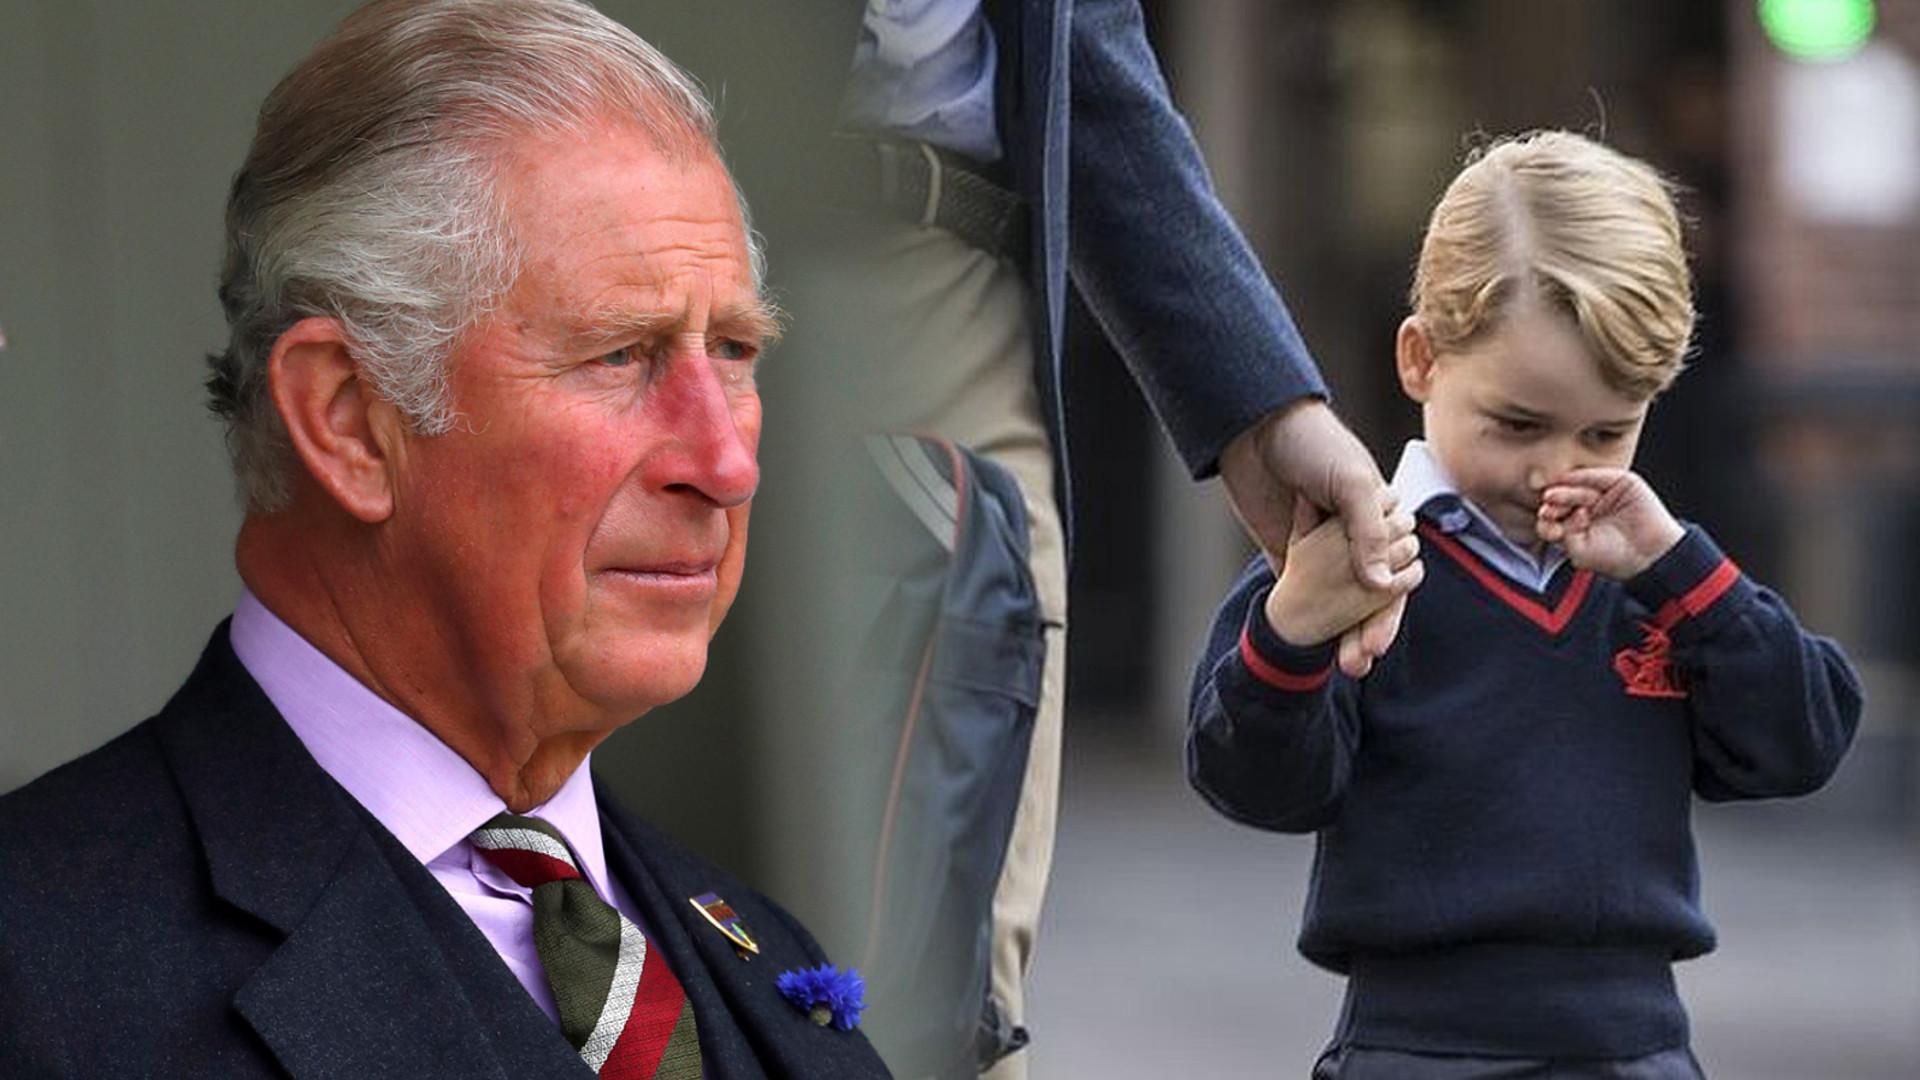 Takim dziadkiem Książę Karol jest NAPRAWDĘ! William musiał interweniować!